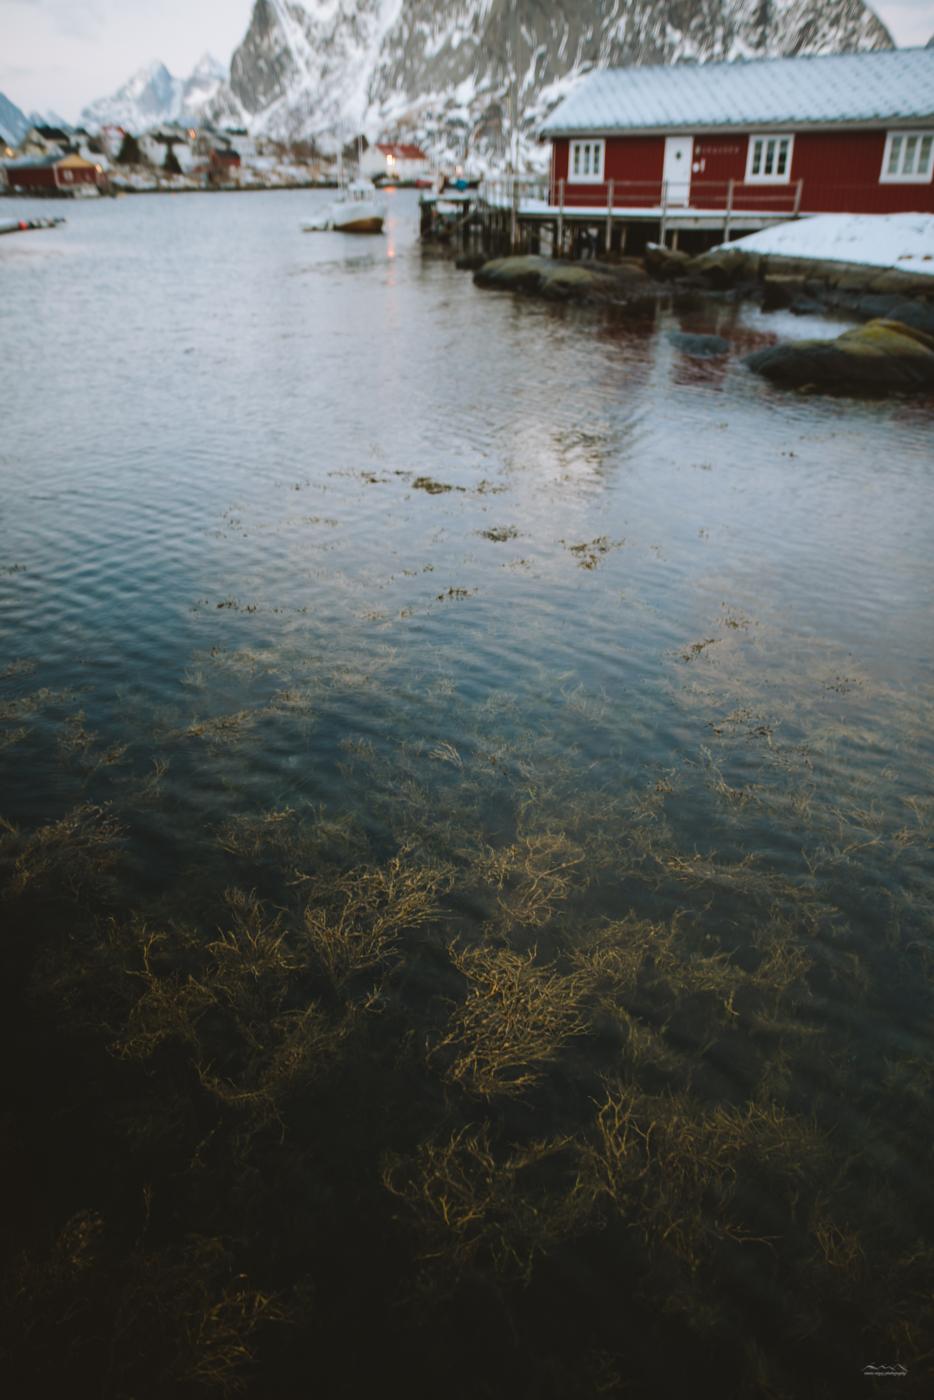 Clean waters of Lofoten